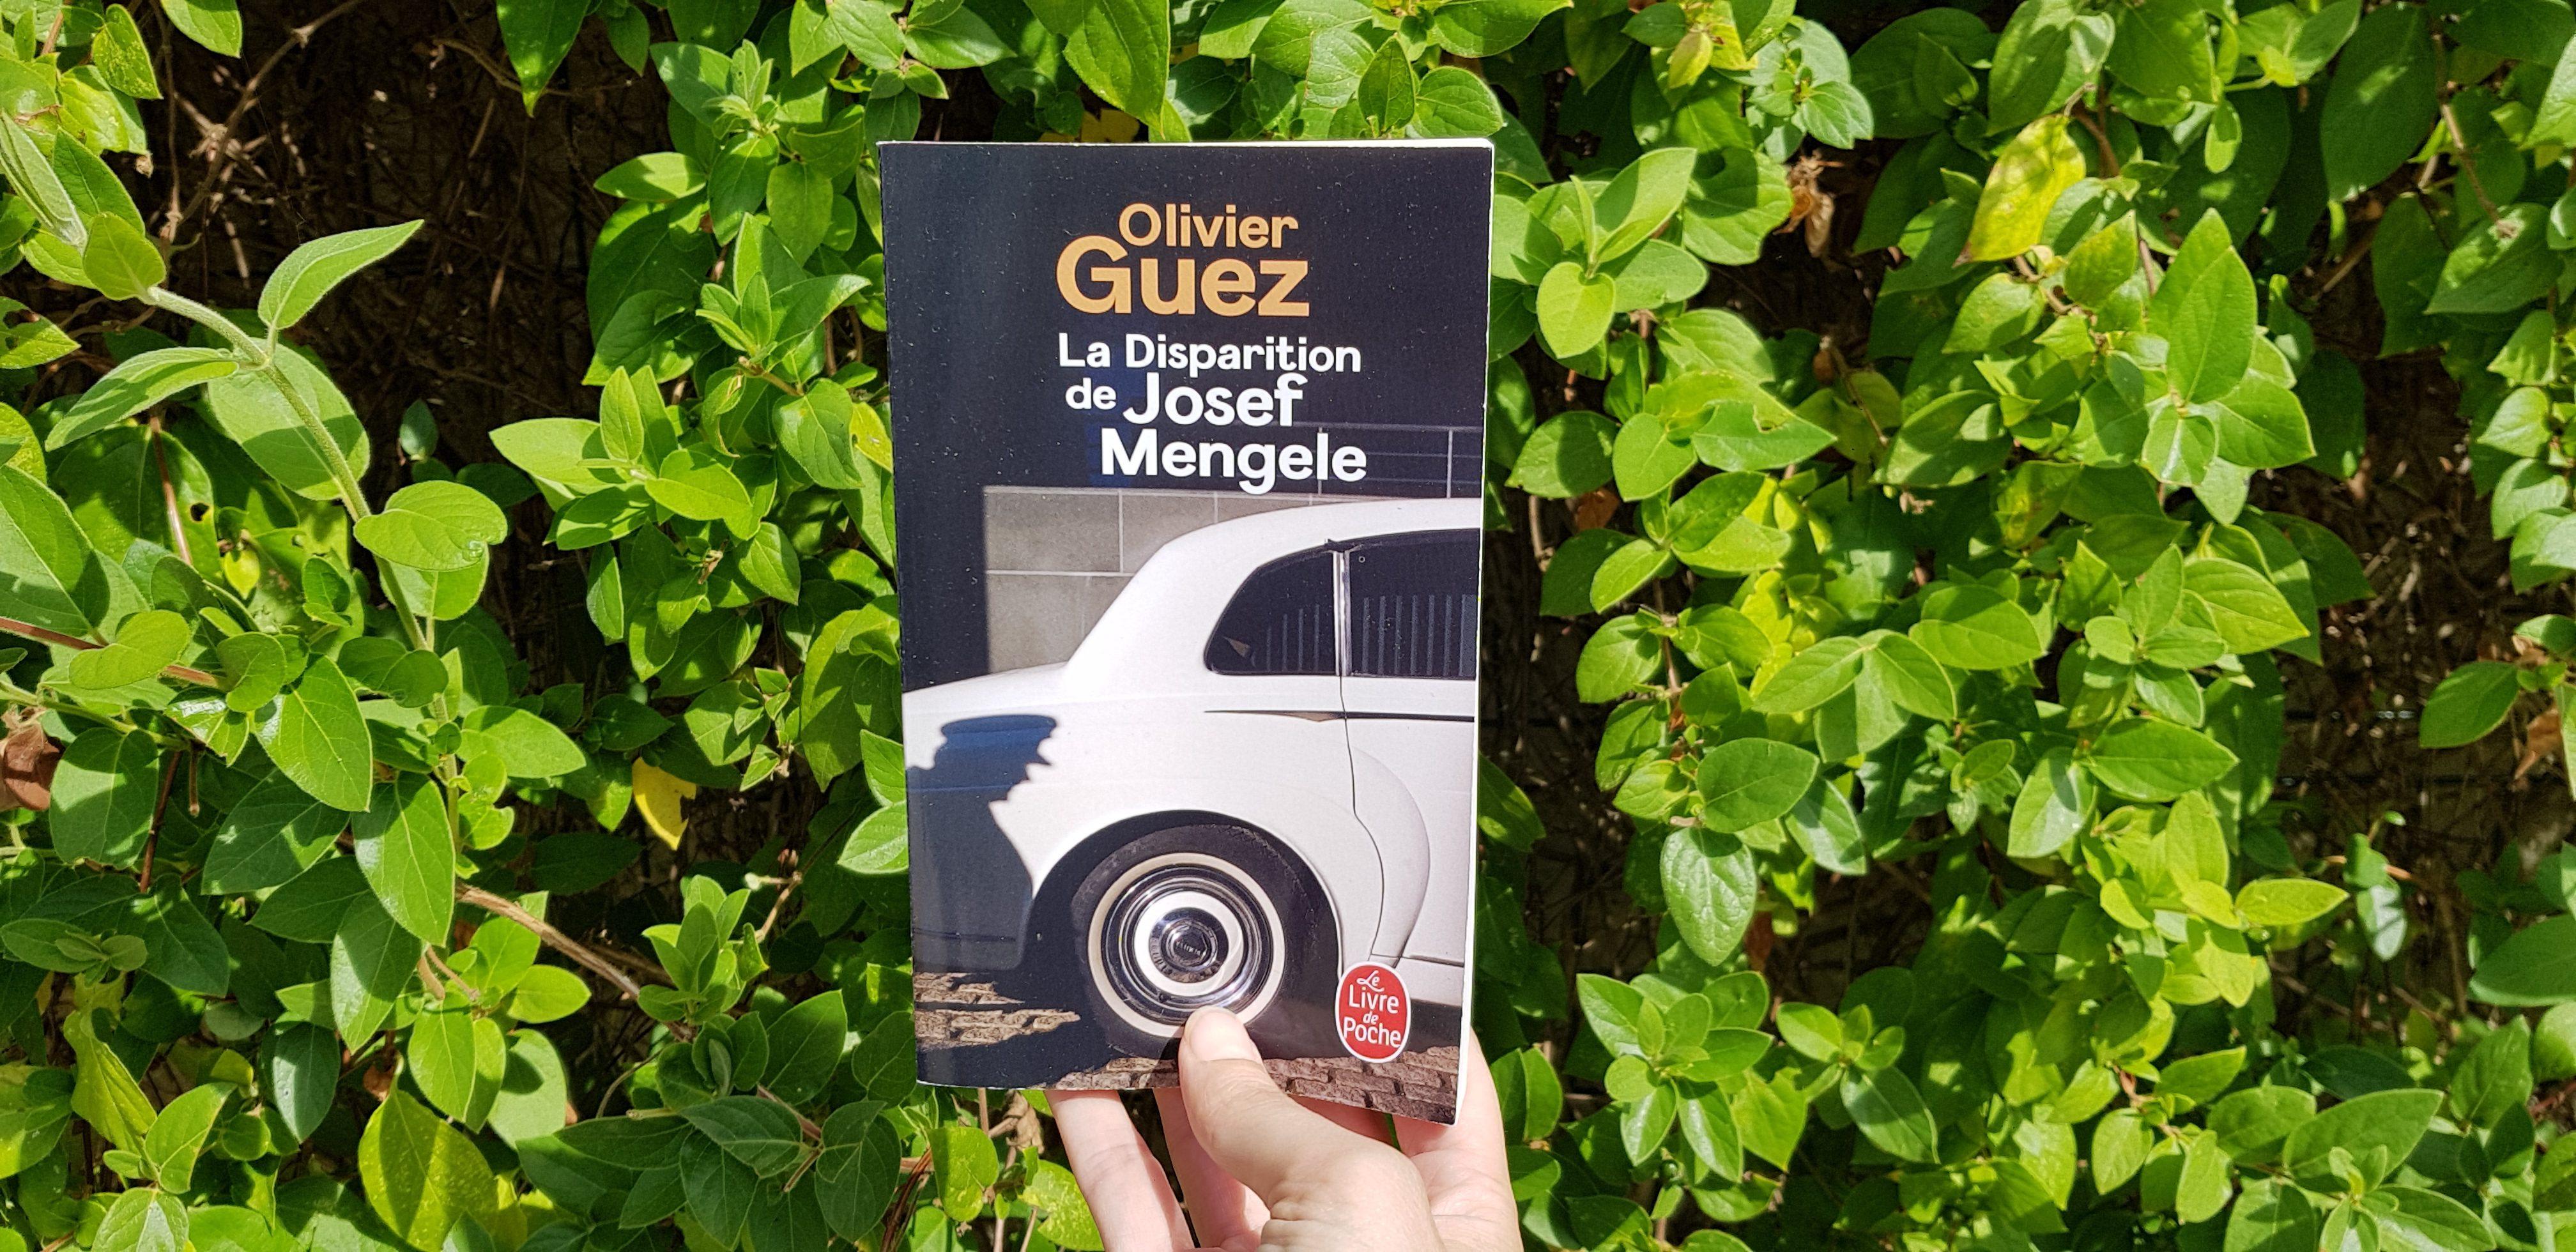 La Disparition de Joseph Mengele Olivier Guez